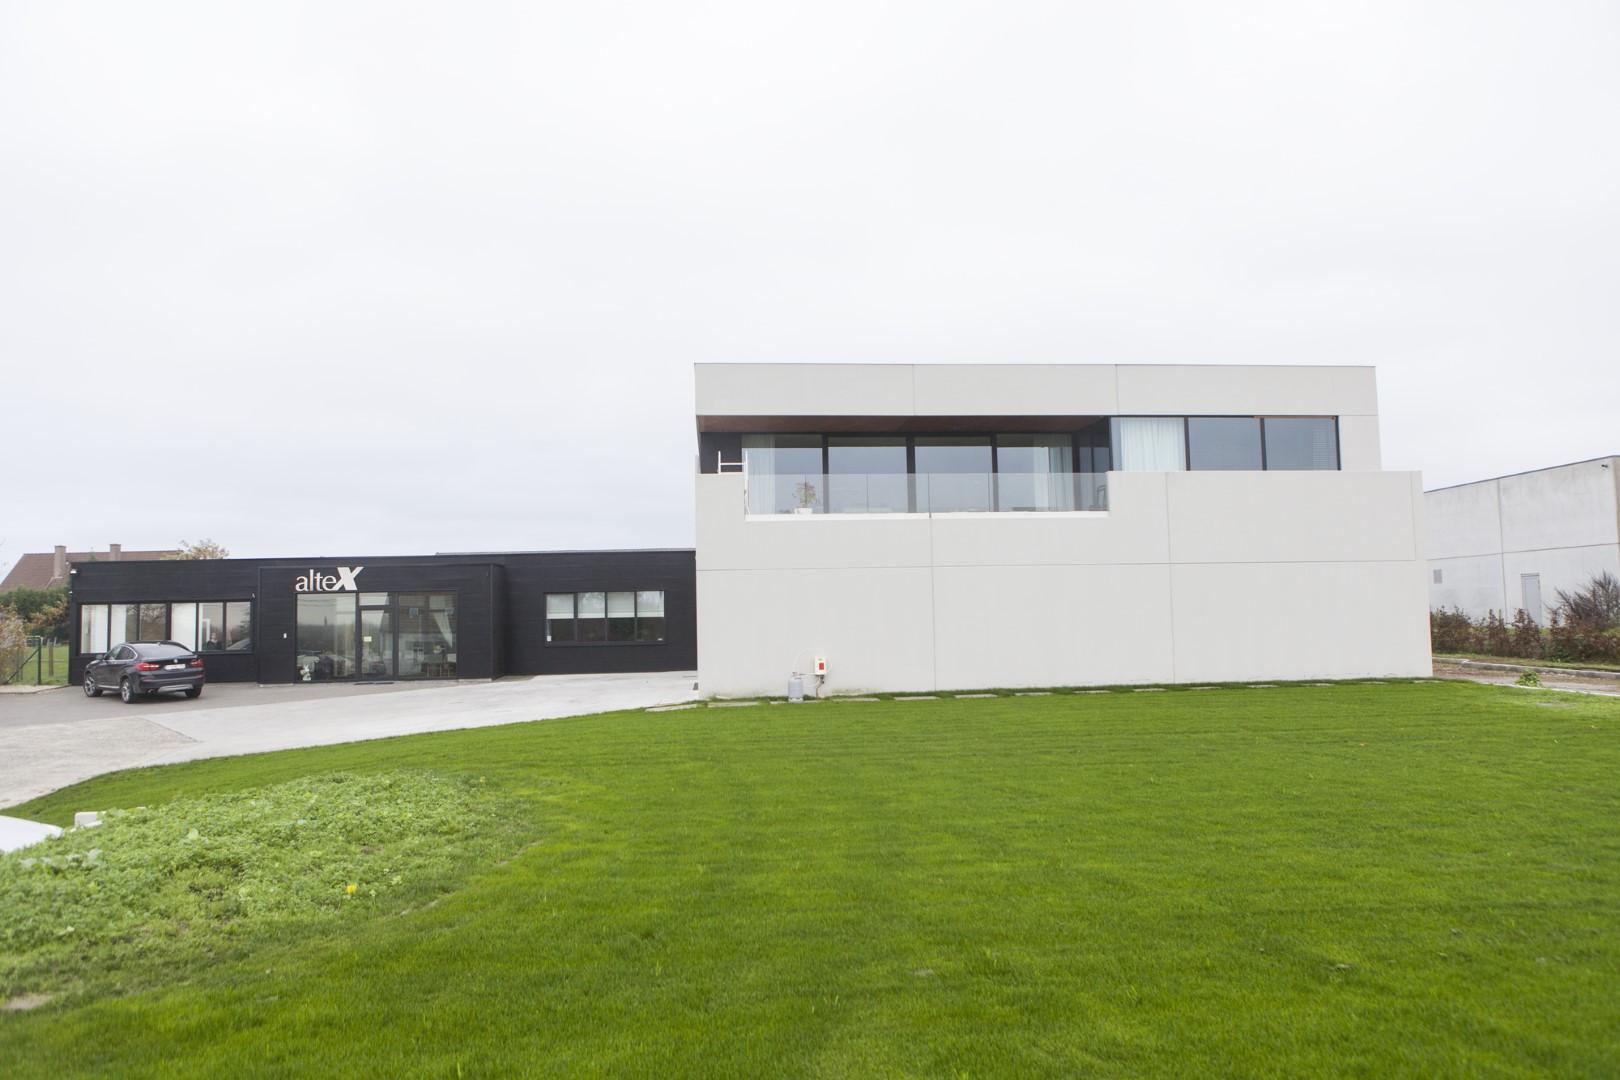 Altex_Sint Eloois Winkel_industriegebouw_werkplaats_atelier_toonzaal_burelen_woning (2)